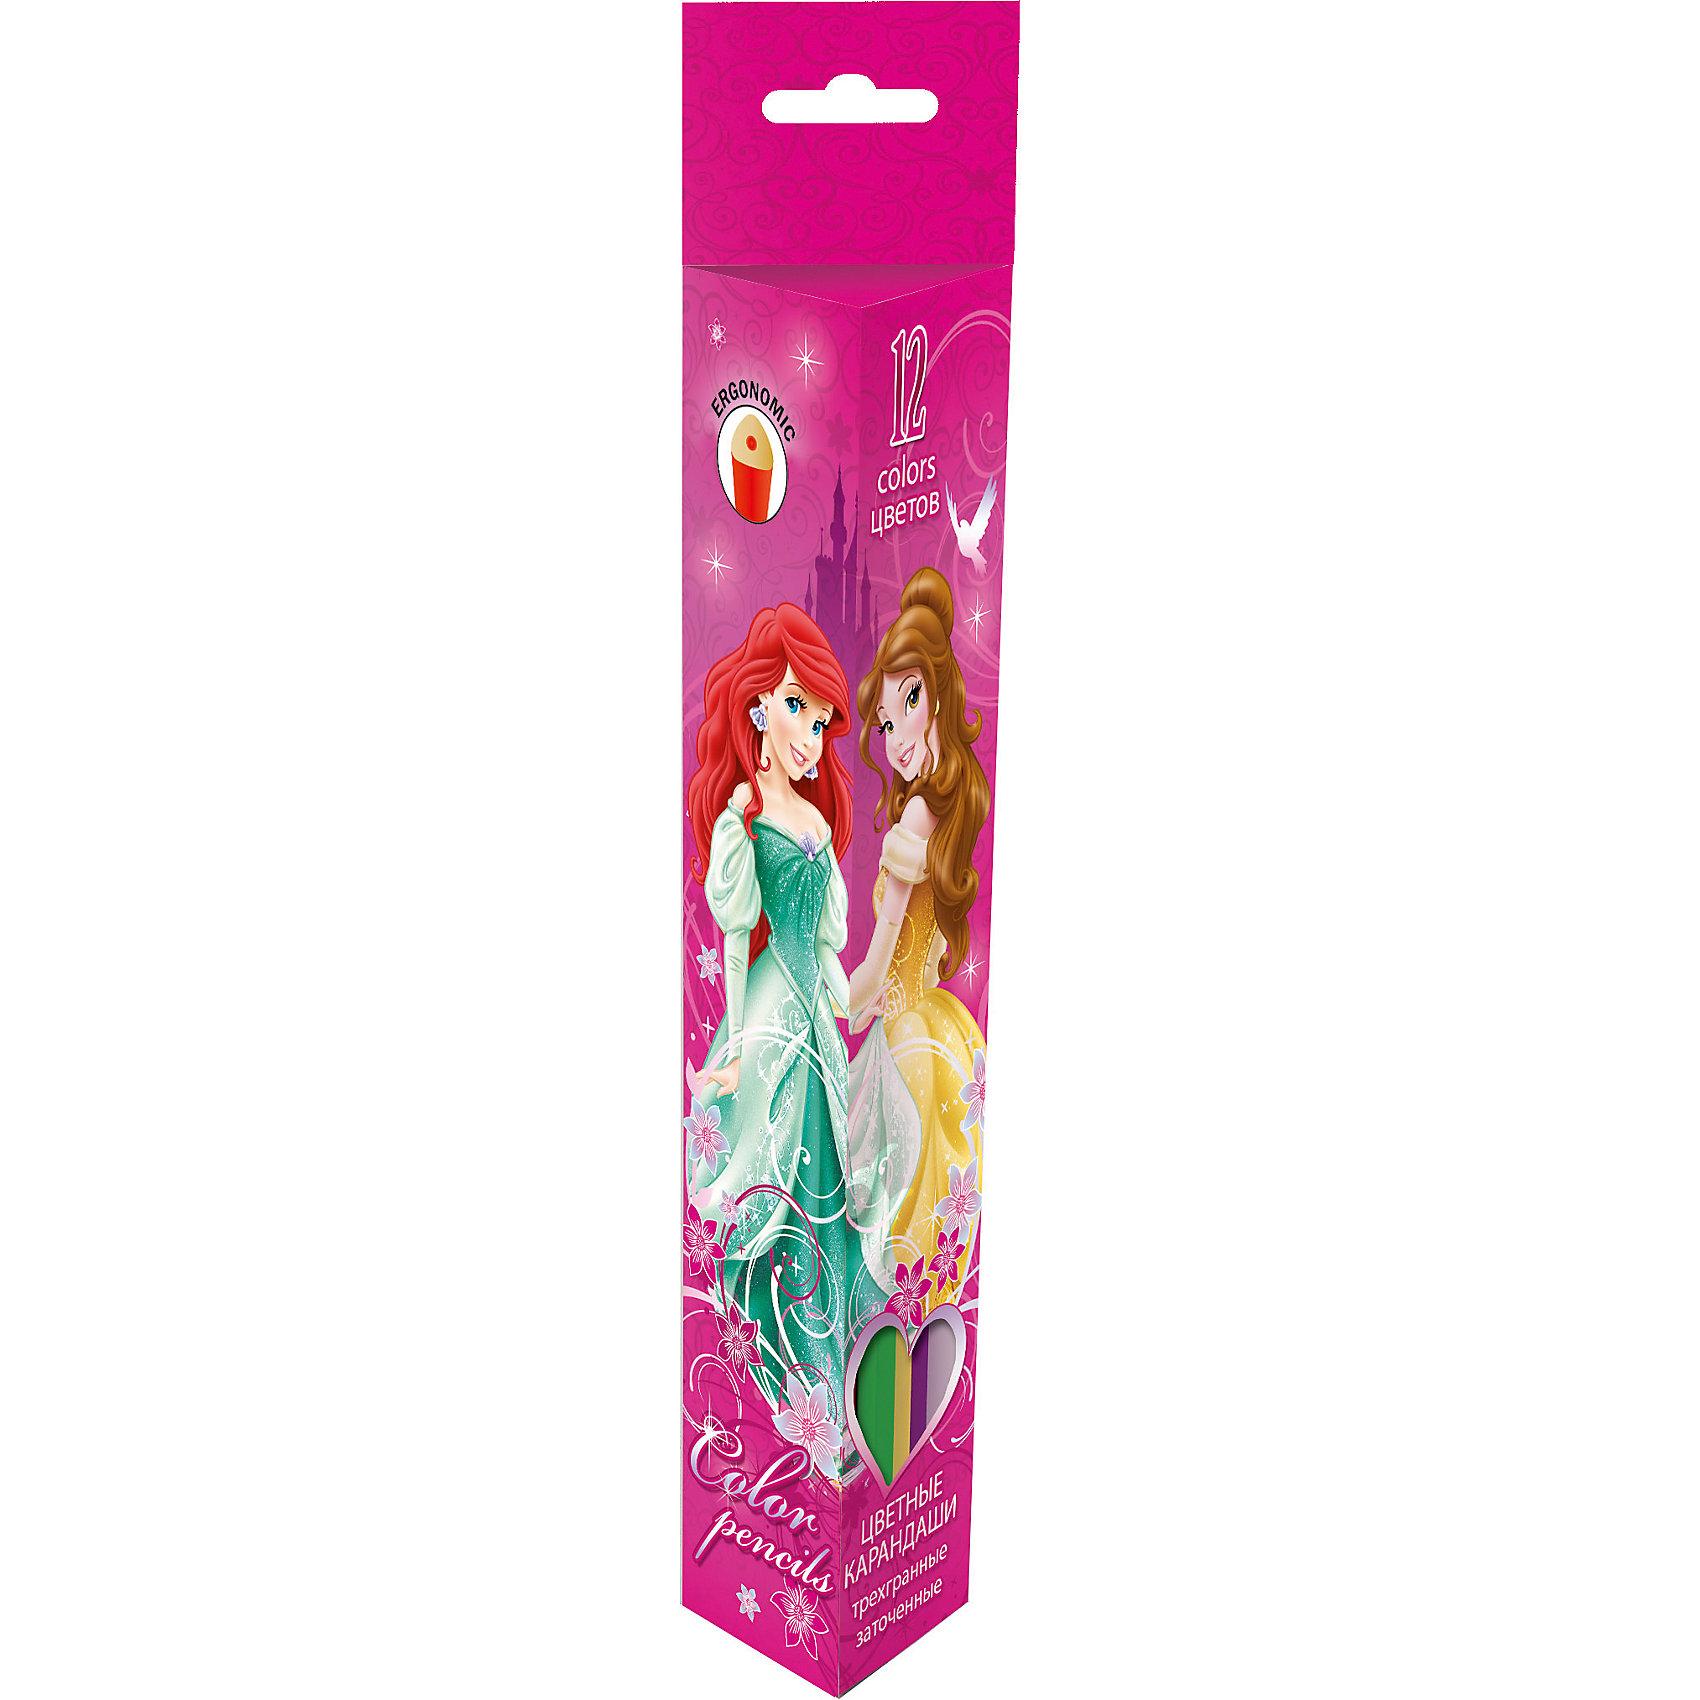 Цветные треугольные карандаши 12 шт, Принцессы ДиснейЦветные карандаши - необходимый инструмент для детского творчества и школьных занятий. Цветные карандаши Принцессы Дисней упакованы в розовую картонную коробочку, украшенную изображениями волшебных принцесс из популярных диснеевских мультфильмов. В комплекте 12 заточенных карандашей с треугольным корпусом. Прочный цветной грифель 3 мм.<br><br>Дополнительная информация:<br><br>- В комплекте: 12 шт.<br>- Материал: дерево (тополь), графит.<br>- Длина карандашей: 17,8 см.<br>- Размер упаковки: 18 х 12,5 х 1,5 см.<br>- Вес: 68 гр.<br><br>Цветные треугольные карандаши 12 шт., Принцессы Дисней, можно купить в нашем интернет-магазине.<br><br>Ширина мм: 45<br>Глубина мм: 25<br>Высота мм: 215<br>Вес г: 68<br>Возраст от месяцев: 48<br>Возраст до месяцев: 84<br>Пол: Женский<br>Возраст: Детский<br>SKU: 4489576